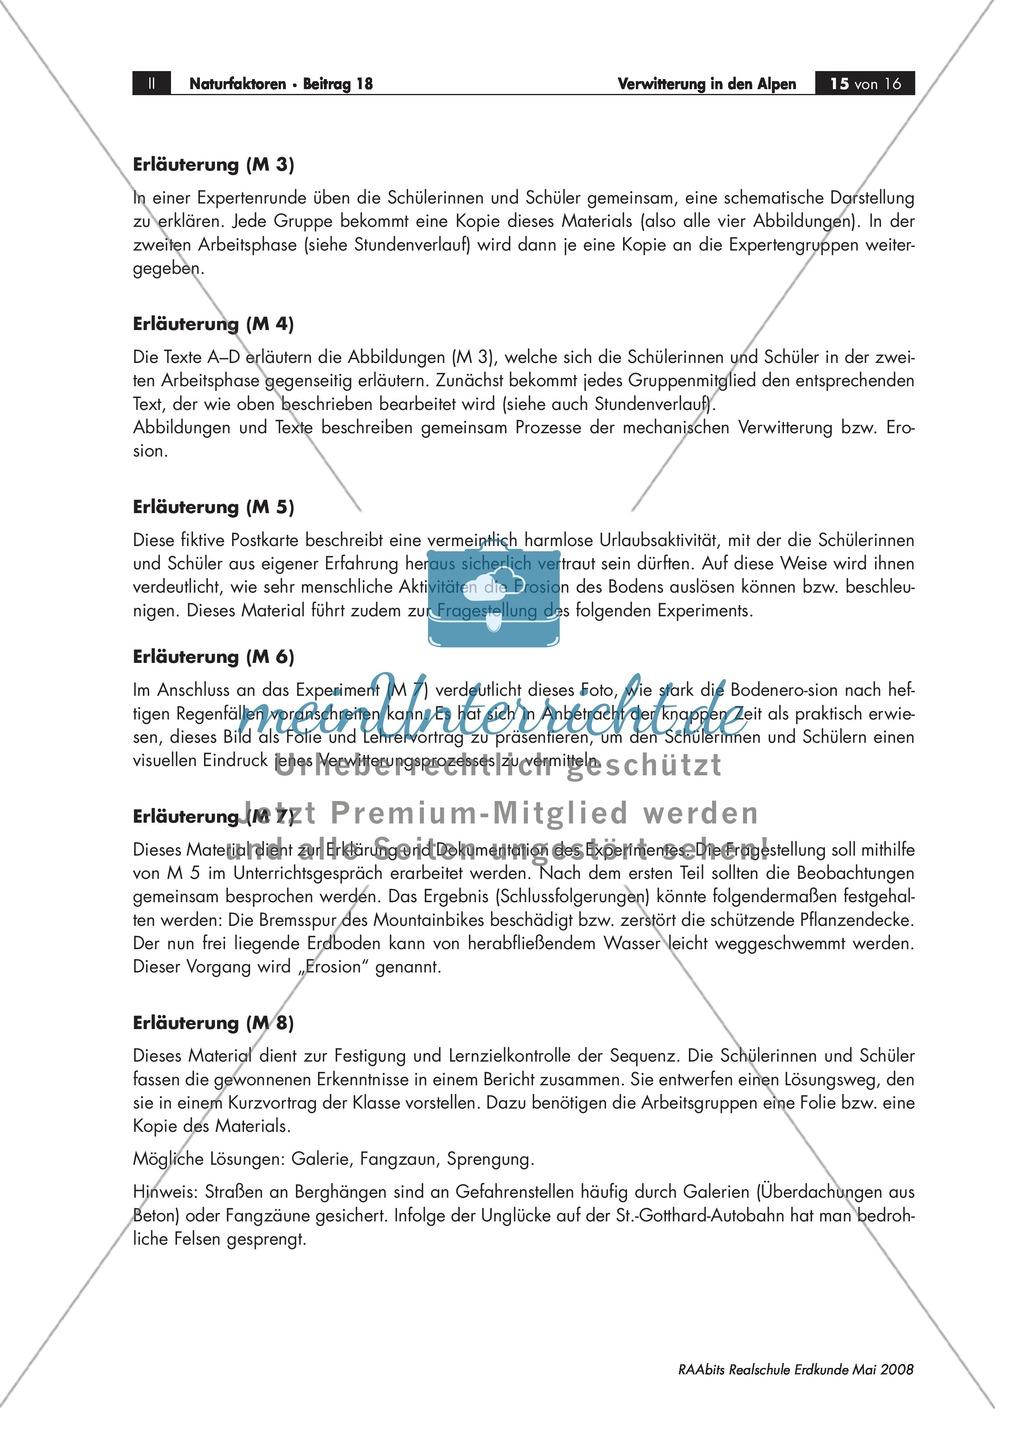 Verwitterung in den Alpen: Ursachen für einen Felssturz + Schutzmaßnahmen für eine Straße diskutieren Preview 1